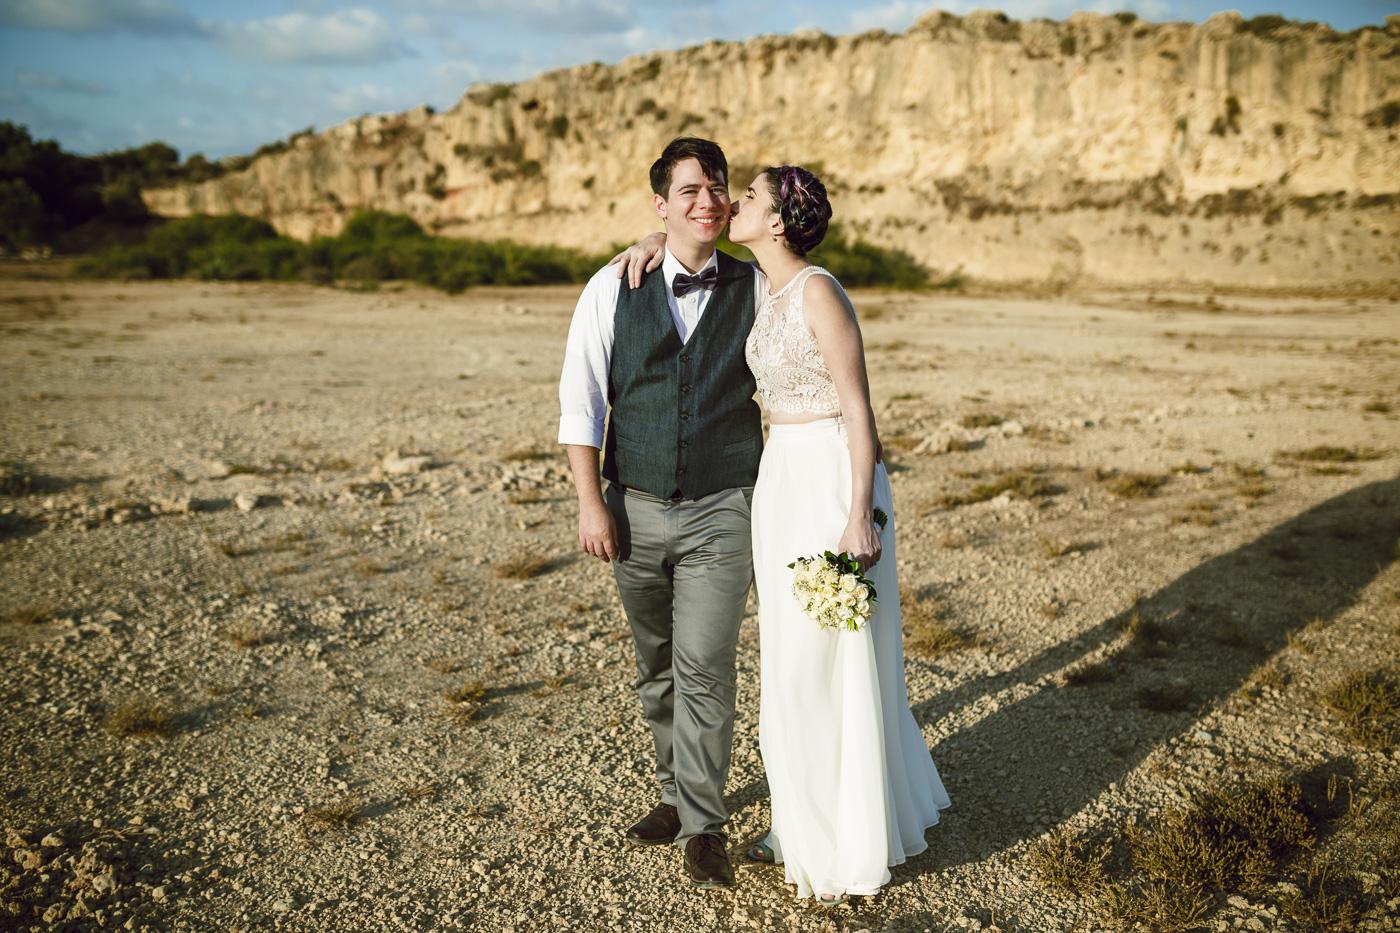 Leore & Yiftach wedding_0206.jpg